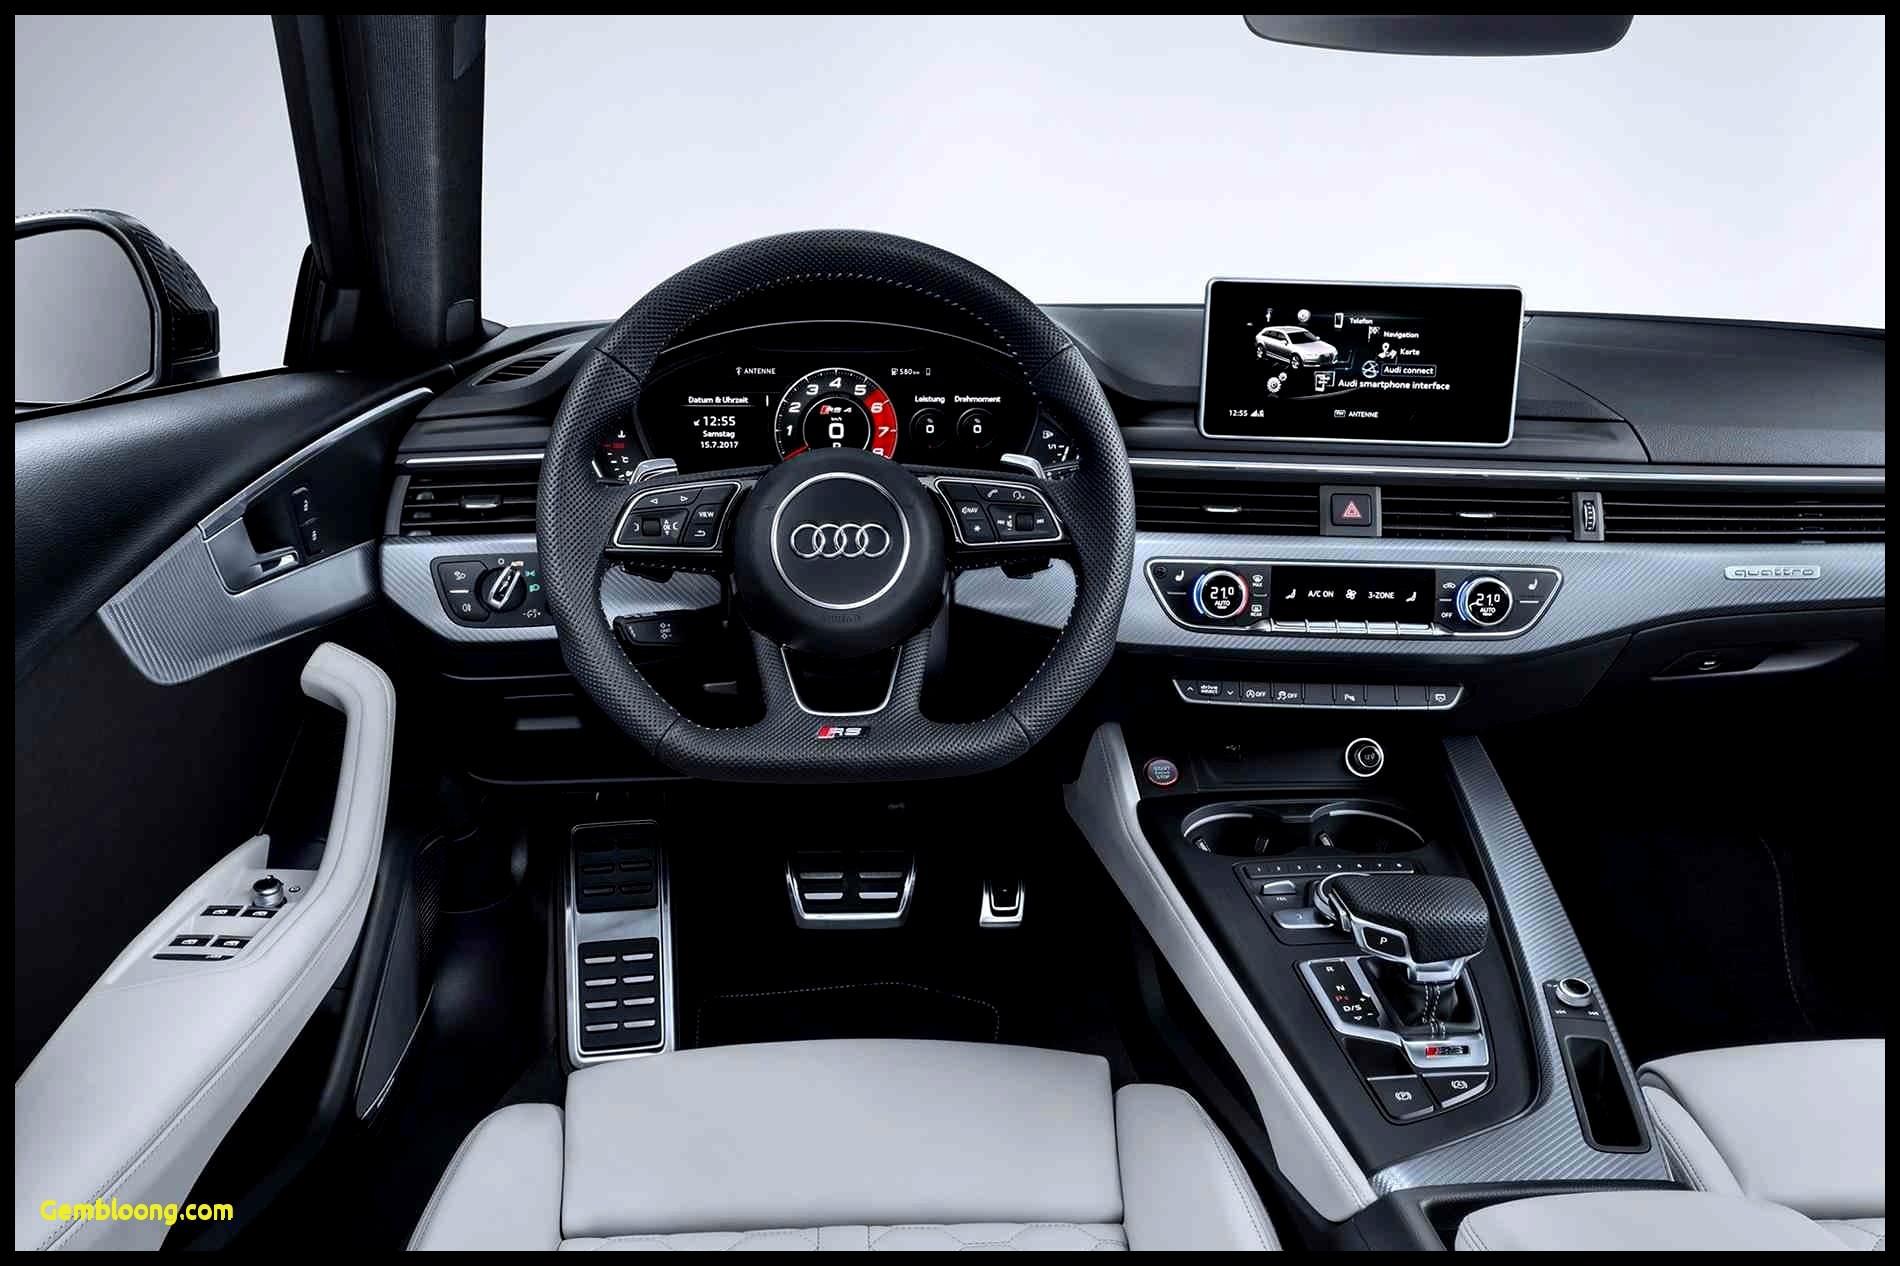 2018 Audi S6 2018 Audi A6 Kombi 2010 Fresh Avant 2017 1600 0d Auto J 9